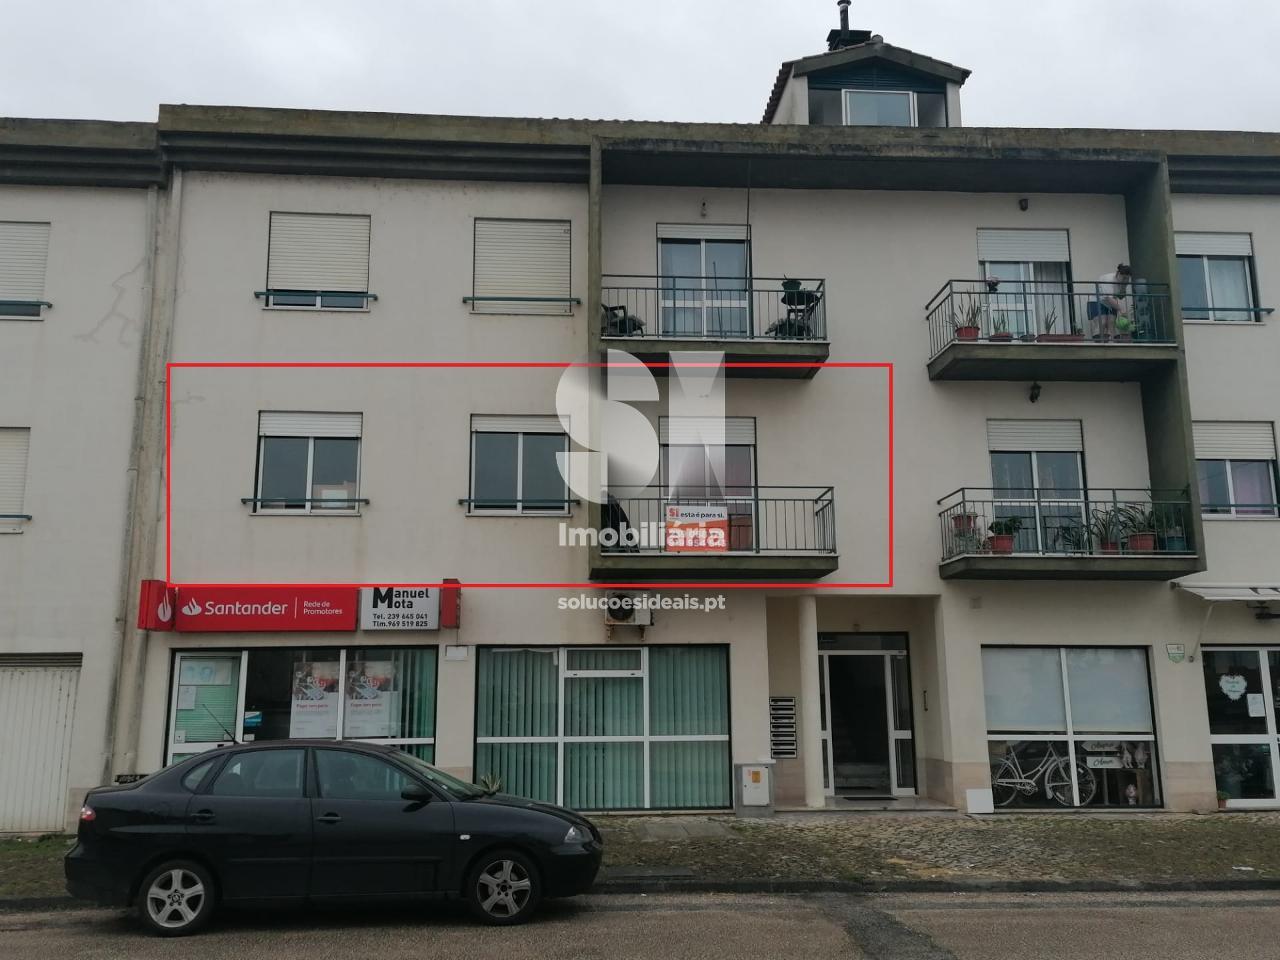 apartamento t3 para compra em montemorovelho santo varao CDXPG2298